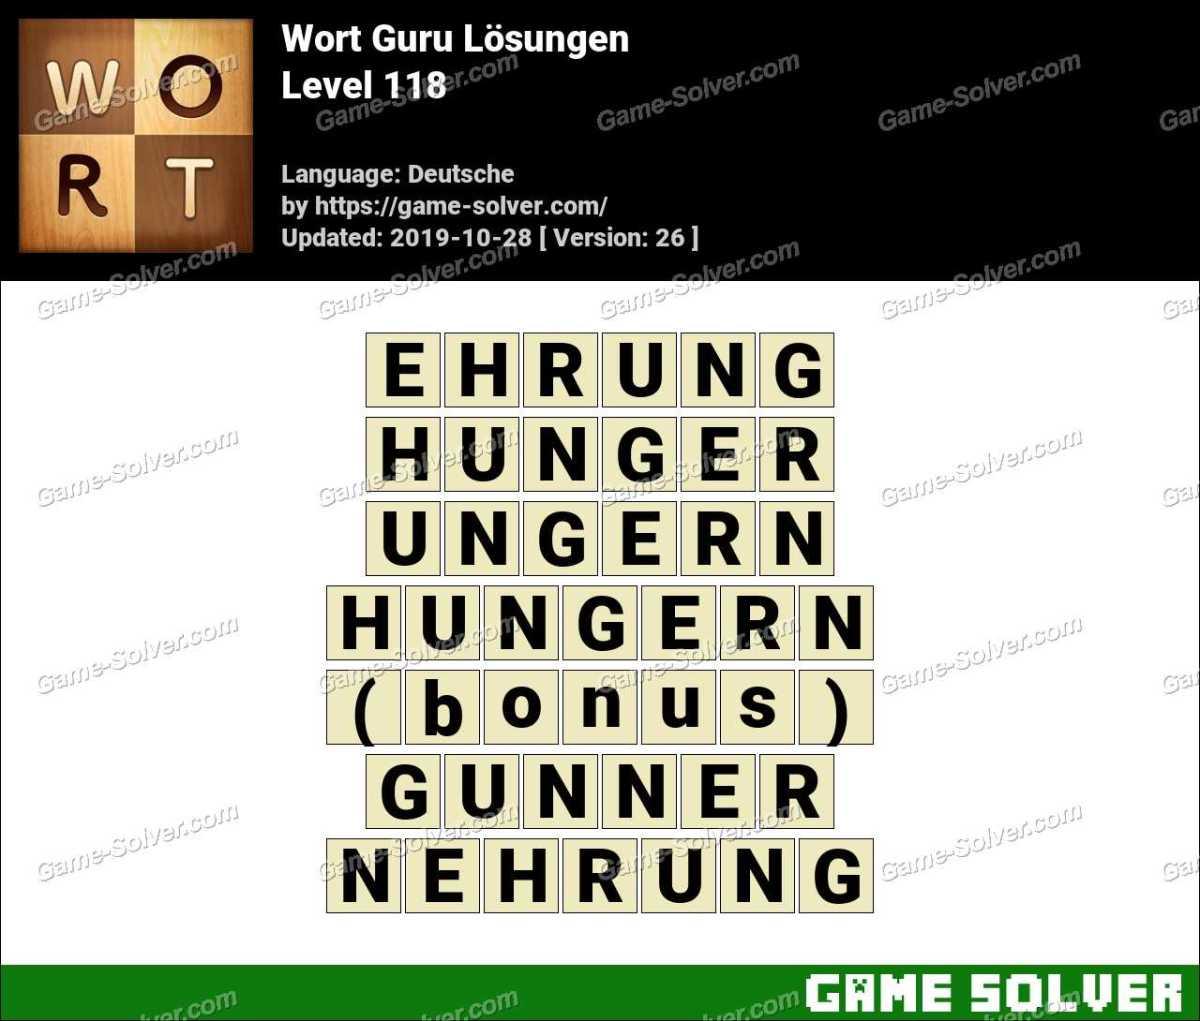 Wort Guru Level 118 Lösungen